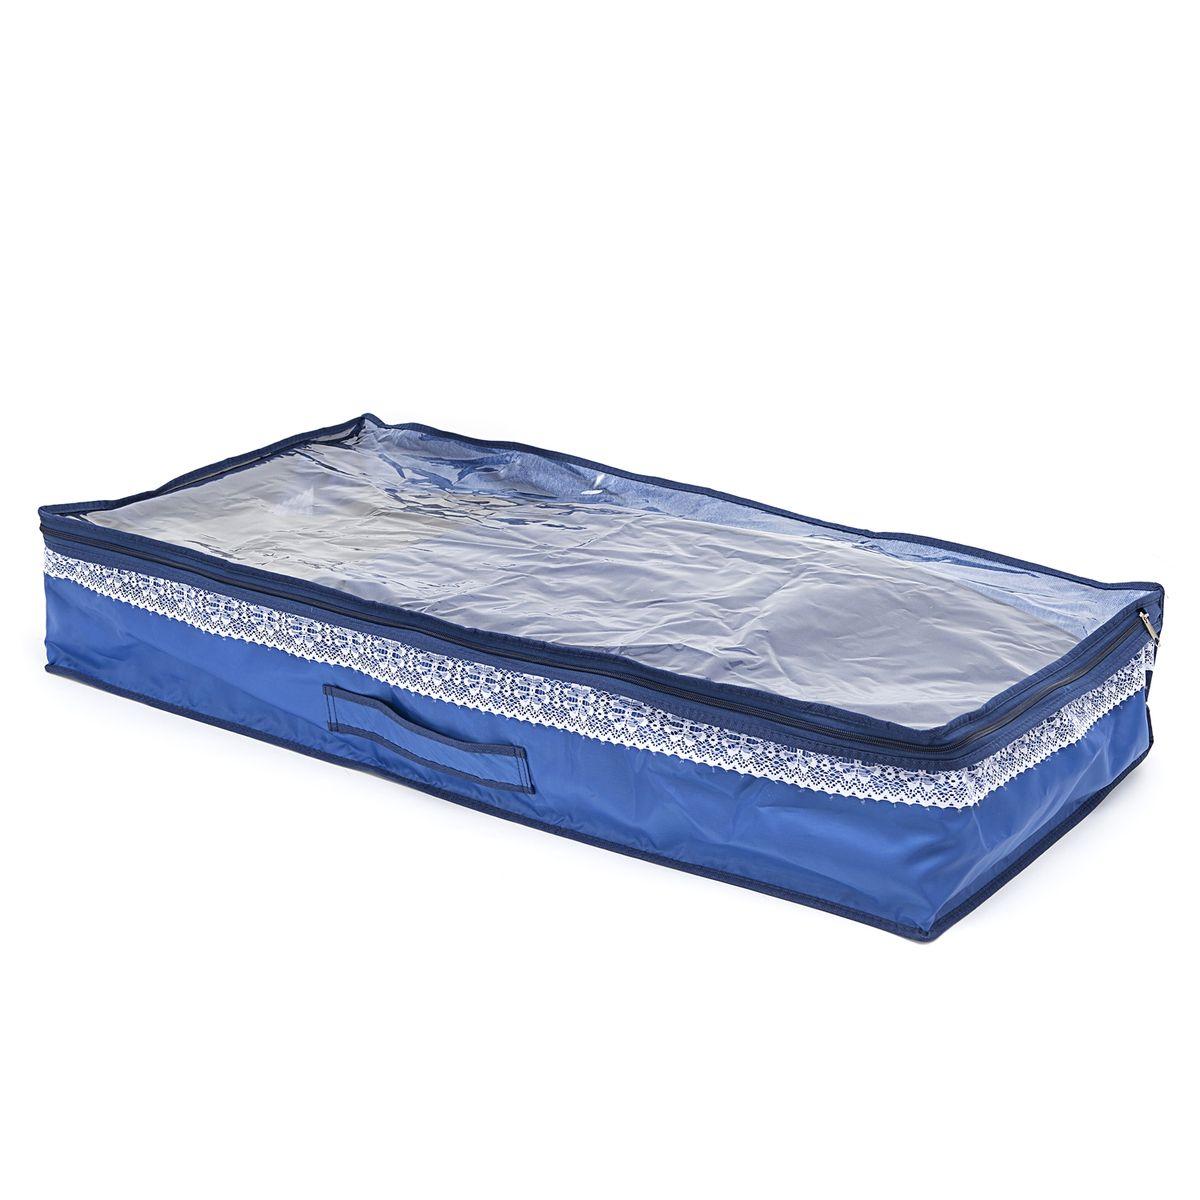 Чехол для одеял Homsu Winter, 90 х 45 х 15 смHOM-309Складывающийся чехол Homsu Winter из дышащего нетканого волокна, предназначен для хранения, транспортировки и переноски больших двуспальных пуховых одеял. Имеет прозрачное окно и замок по периметру чехла, а также ручку для переноски. Материал можно протирать в случае загрязнения влажной салфеткой или тряпкой. Надежно защищает от пыли, моли, солнечных лучей и загрязнения. Нетканый материал чехла пропускает воздух, что позволяет изделиям дышать. Это особенно необходимо для изделий из натуральных материалов. Благодаря такому чехлу, вещи не впитывают посторонние запахи. Застегивается на молнию.